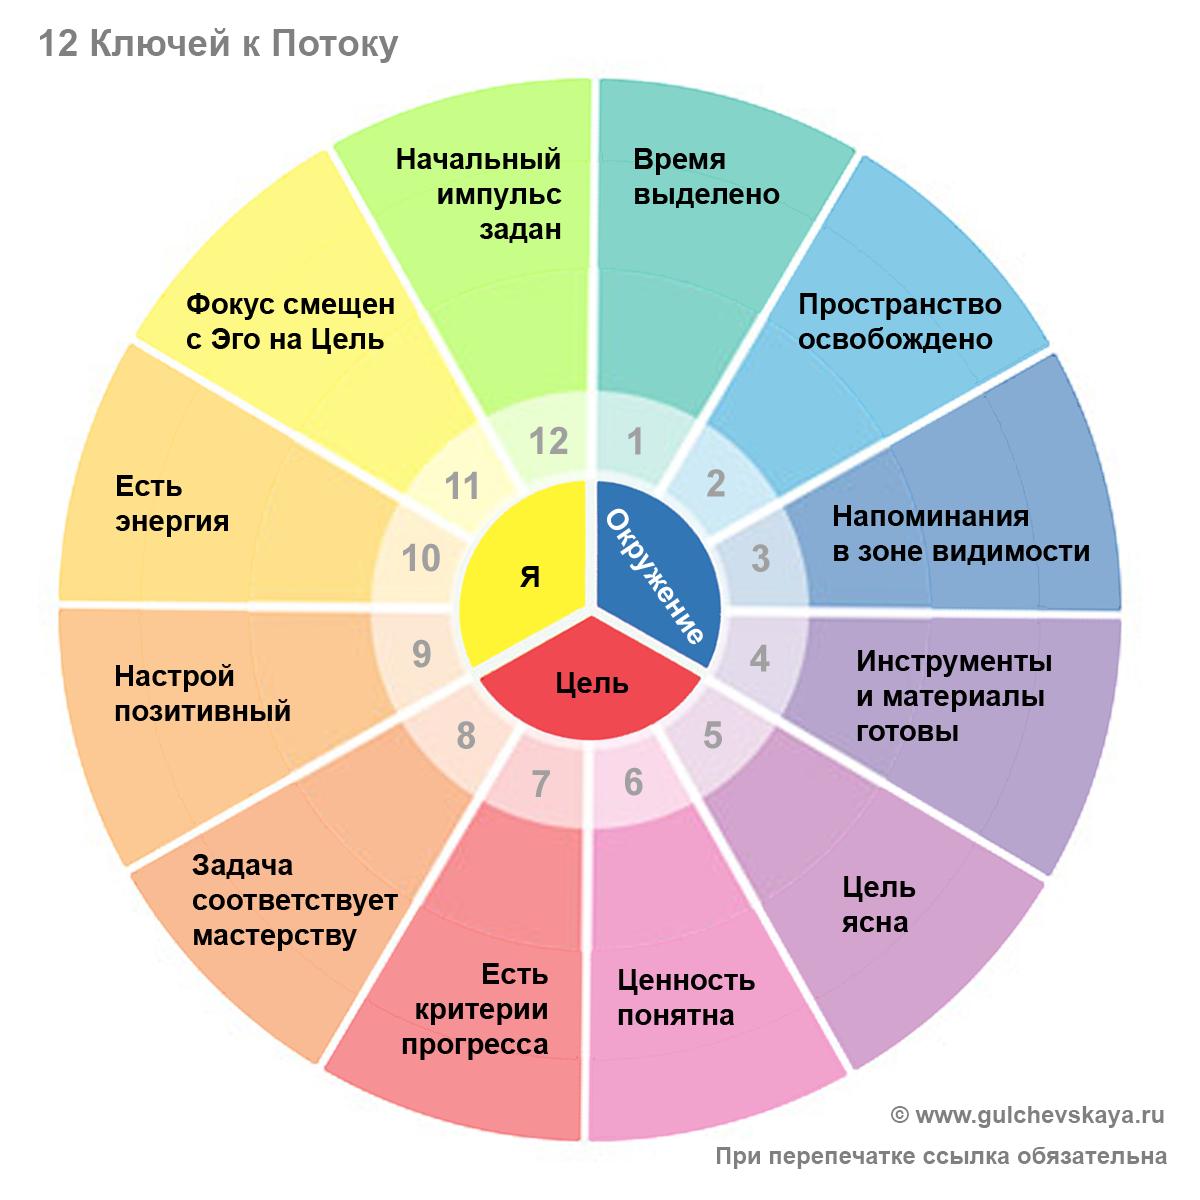 Модель 12 ключей к Потоку. Автор Наталья Гульчевская